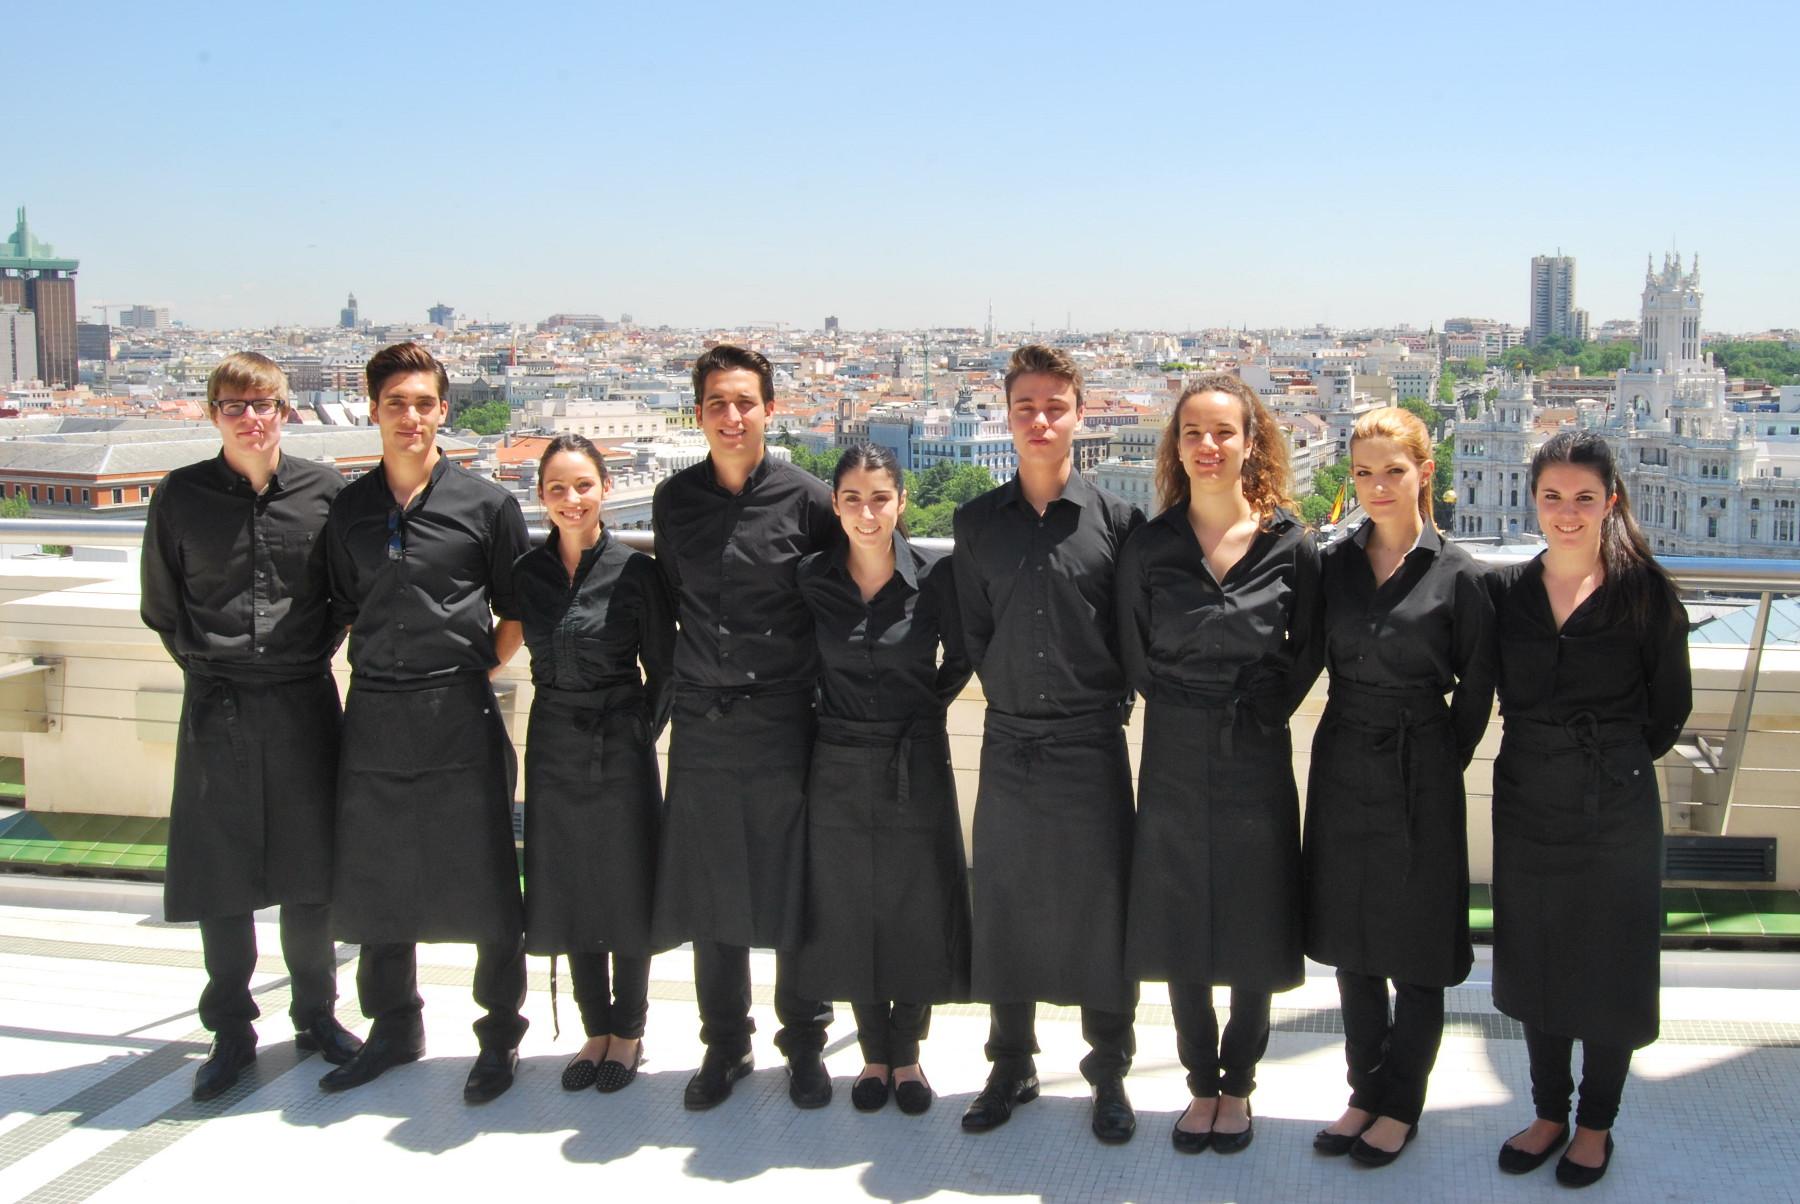 los camareros2